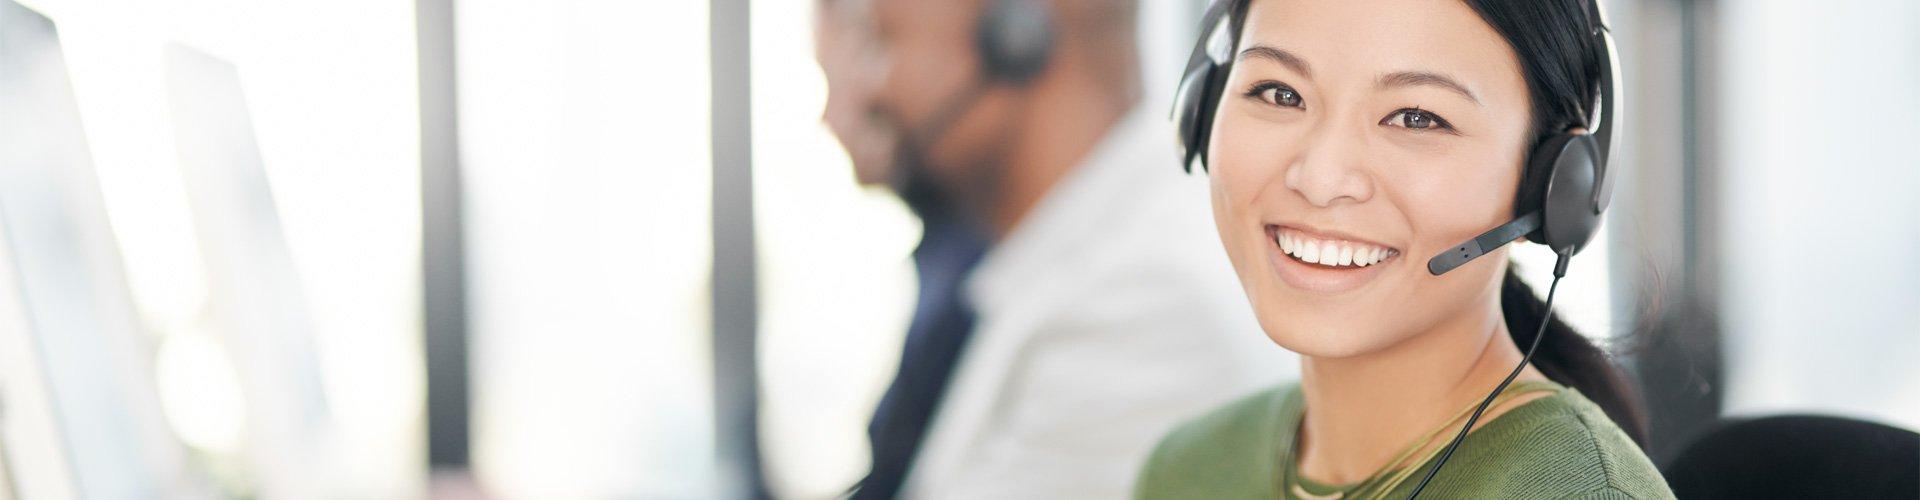 Vrouw telefoneert en helpt een klant met haar hoortoestellen.